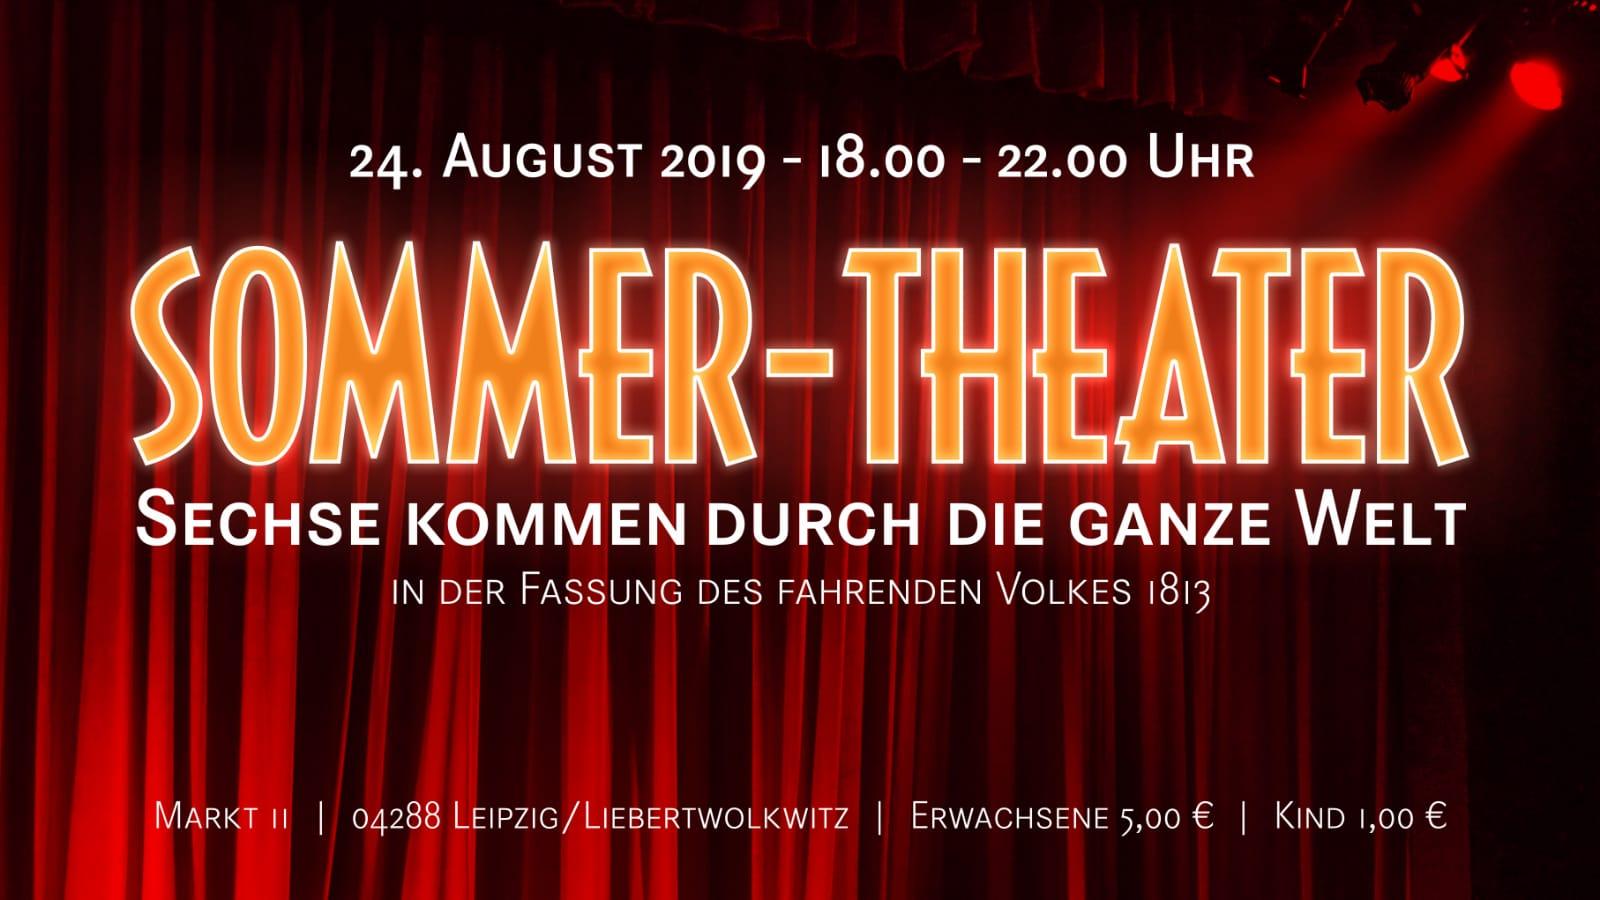 Wolkser Höfe 2019 - Liebertwolkwitz - Sommer-Theater 2019  , Bild: Frank Bauer